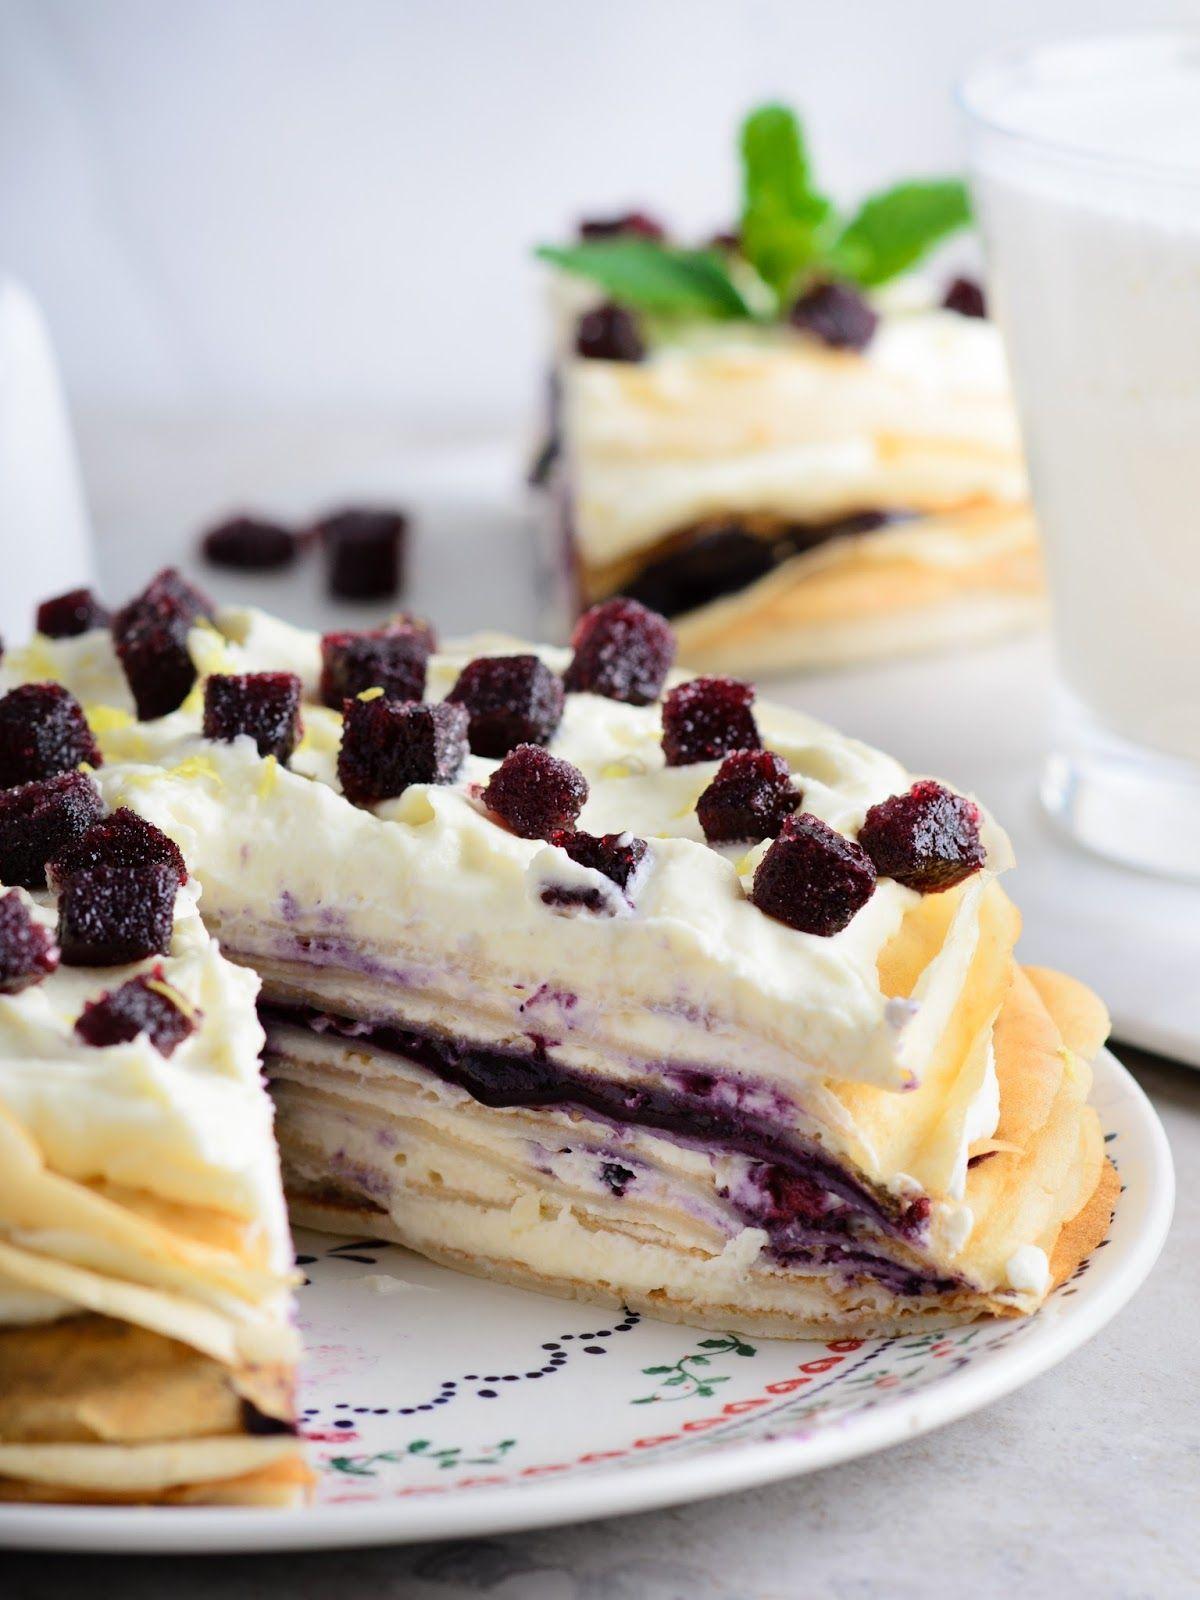 погода крем маскарпоне для торта рецепт с фото свекровью частый